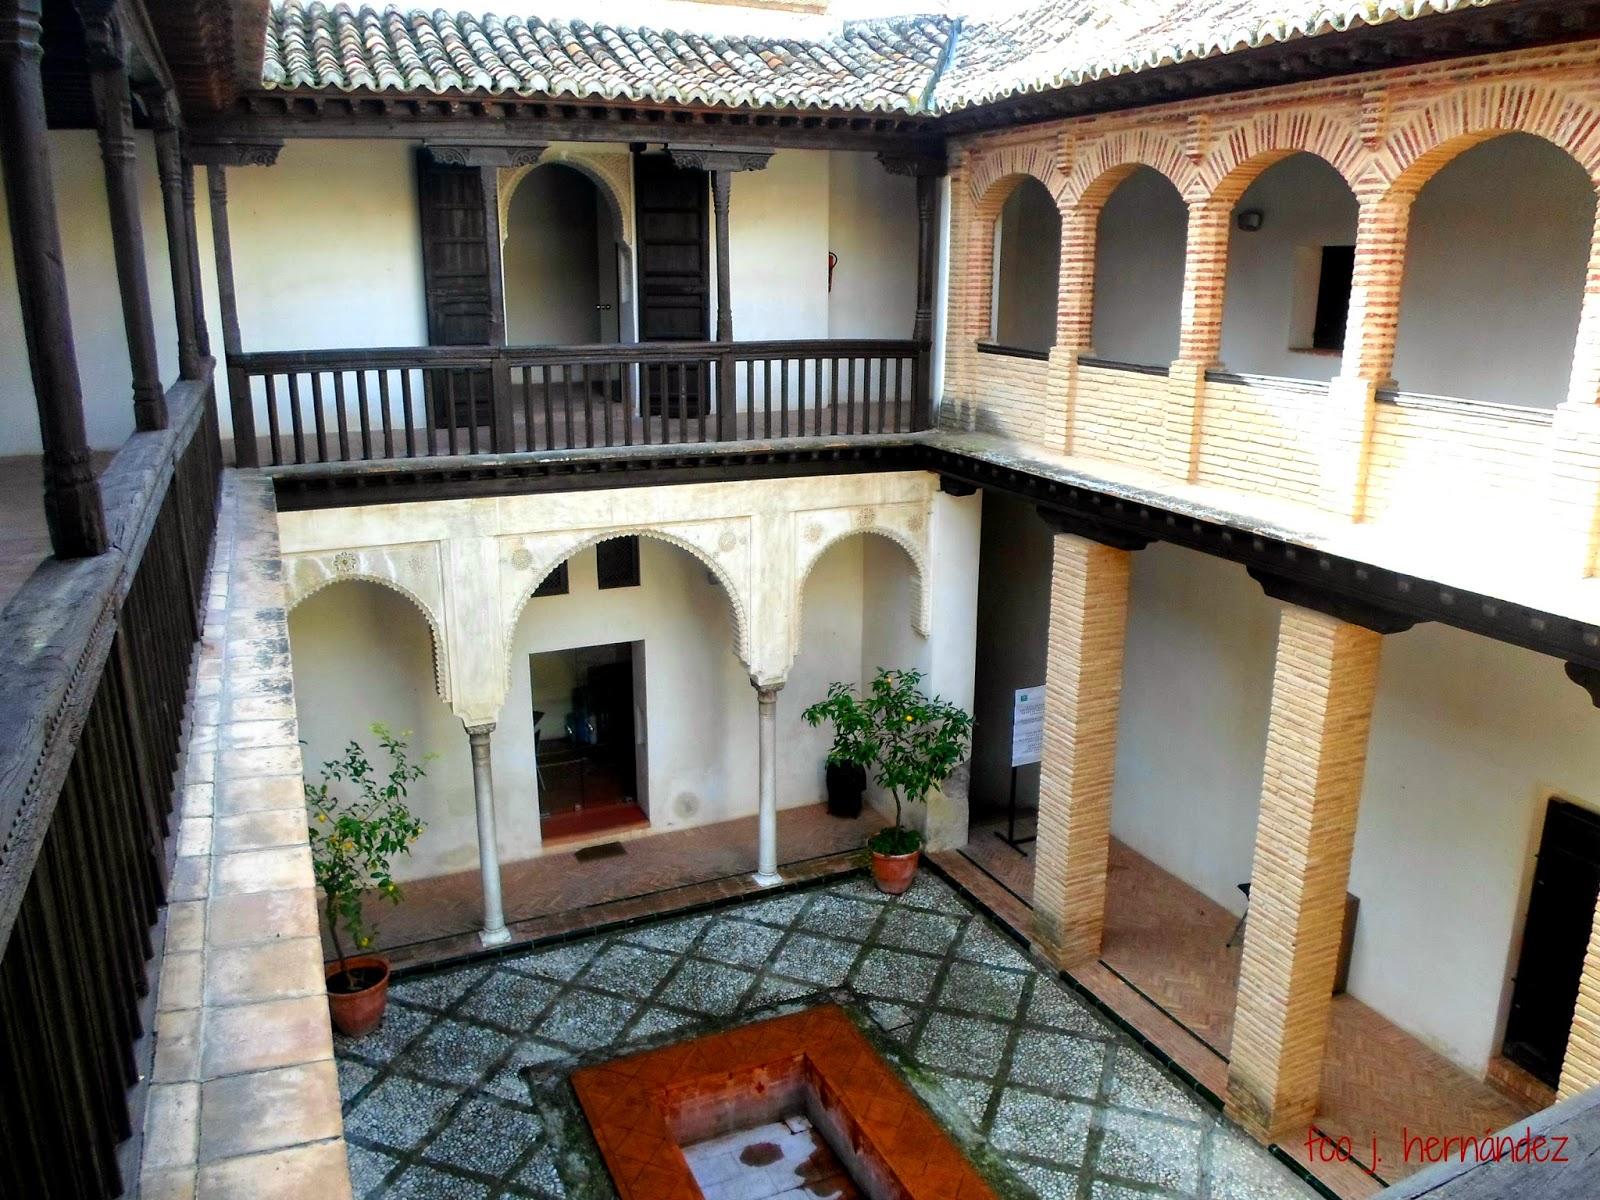 Lugares de granada con encanto casa morisca de la calle for La casa de granada en madrid